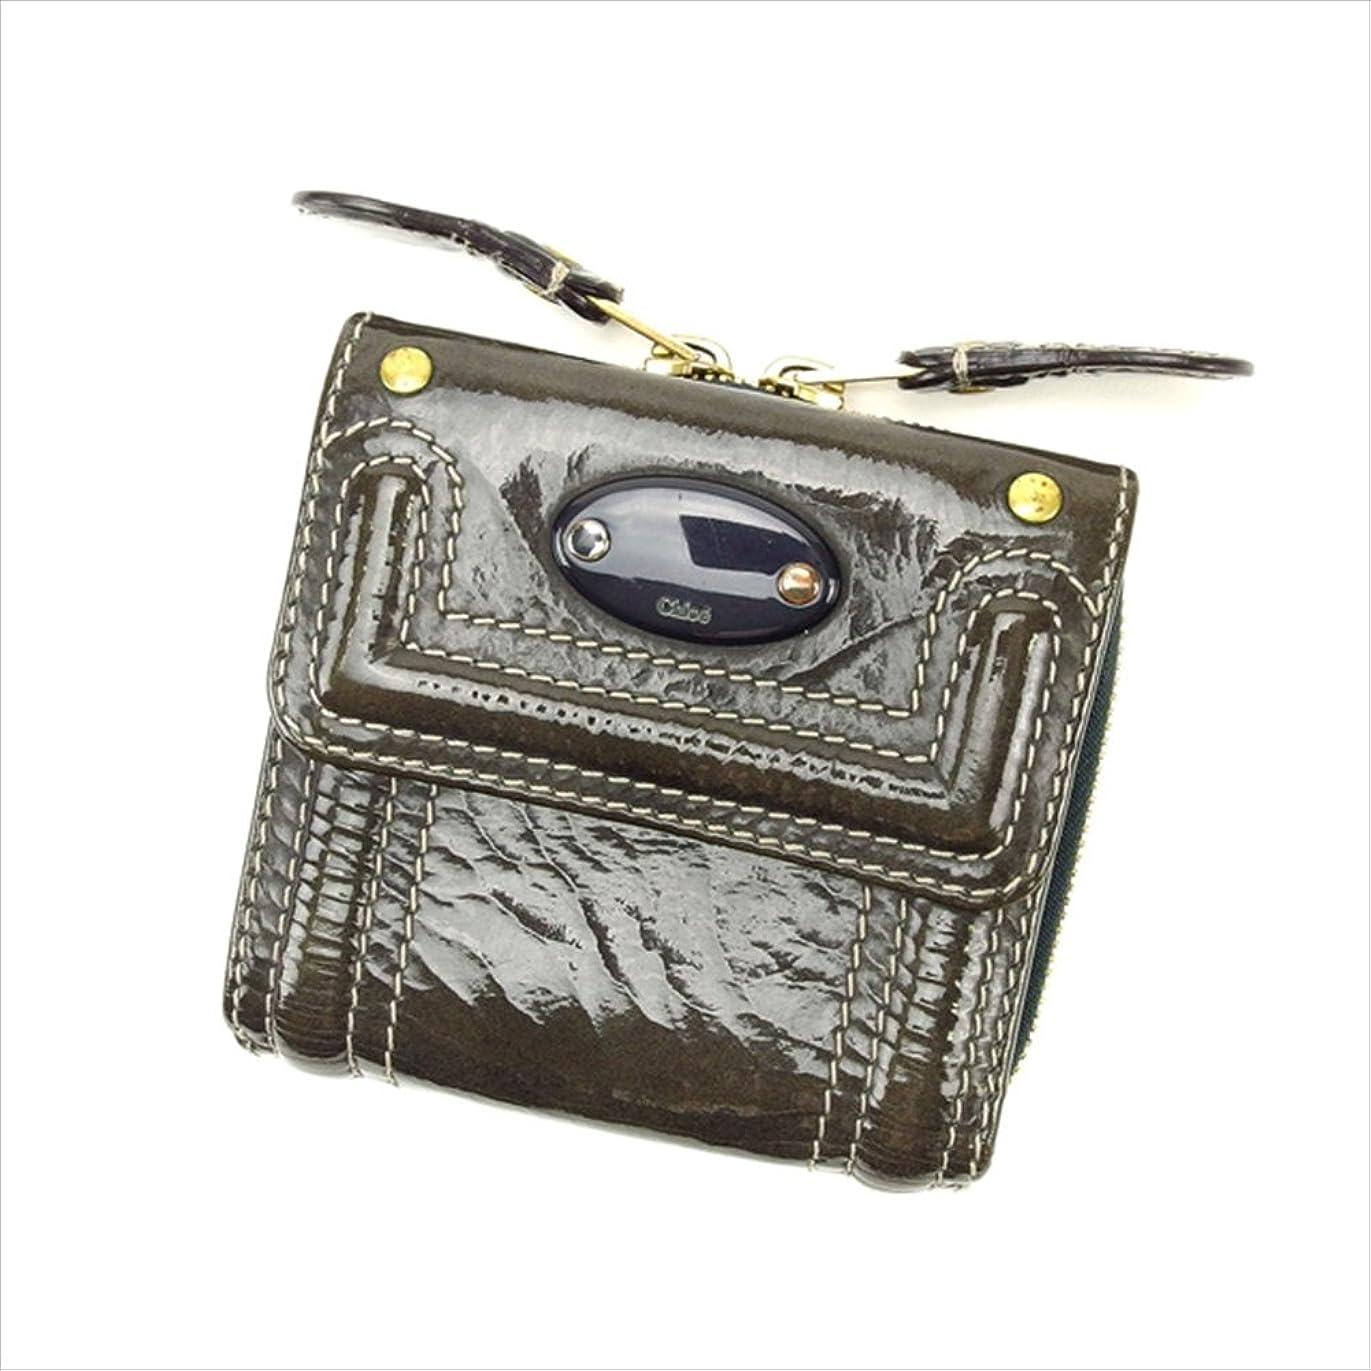 曖昧な真空リフトクロエ Chloe 三つ折り財布 ラウンドファスナー ユニセックス 中古 E758